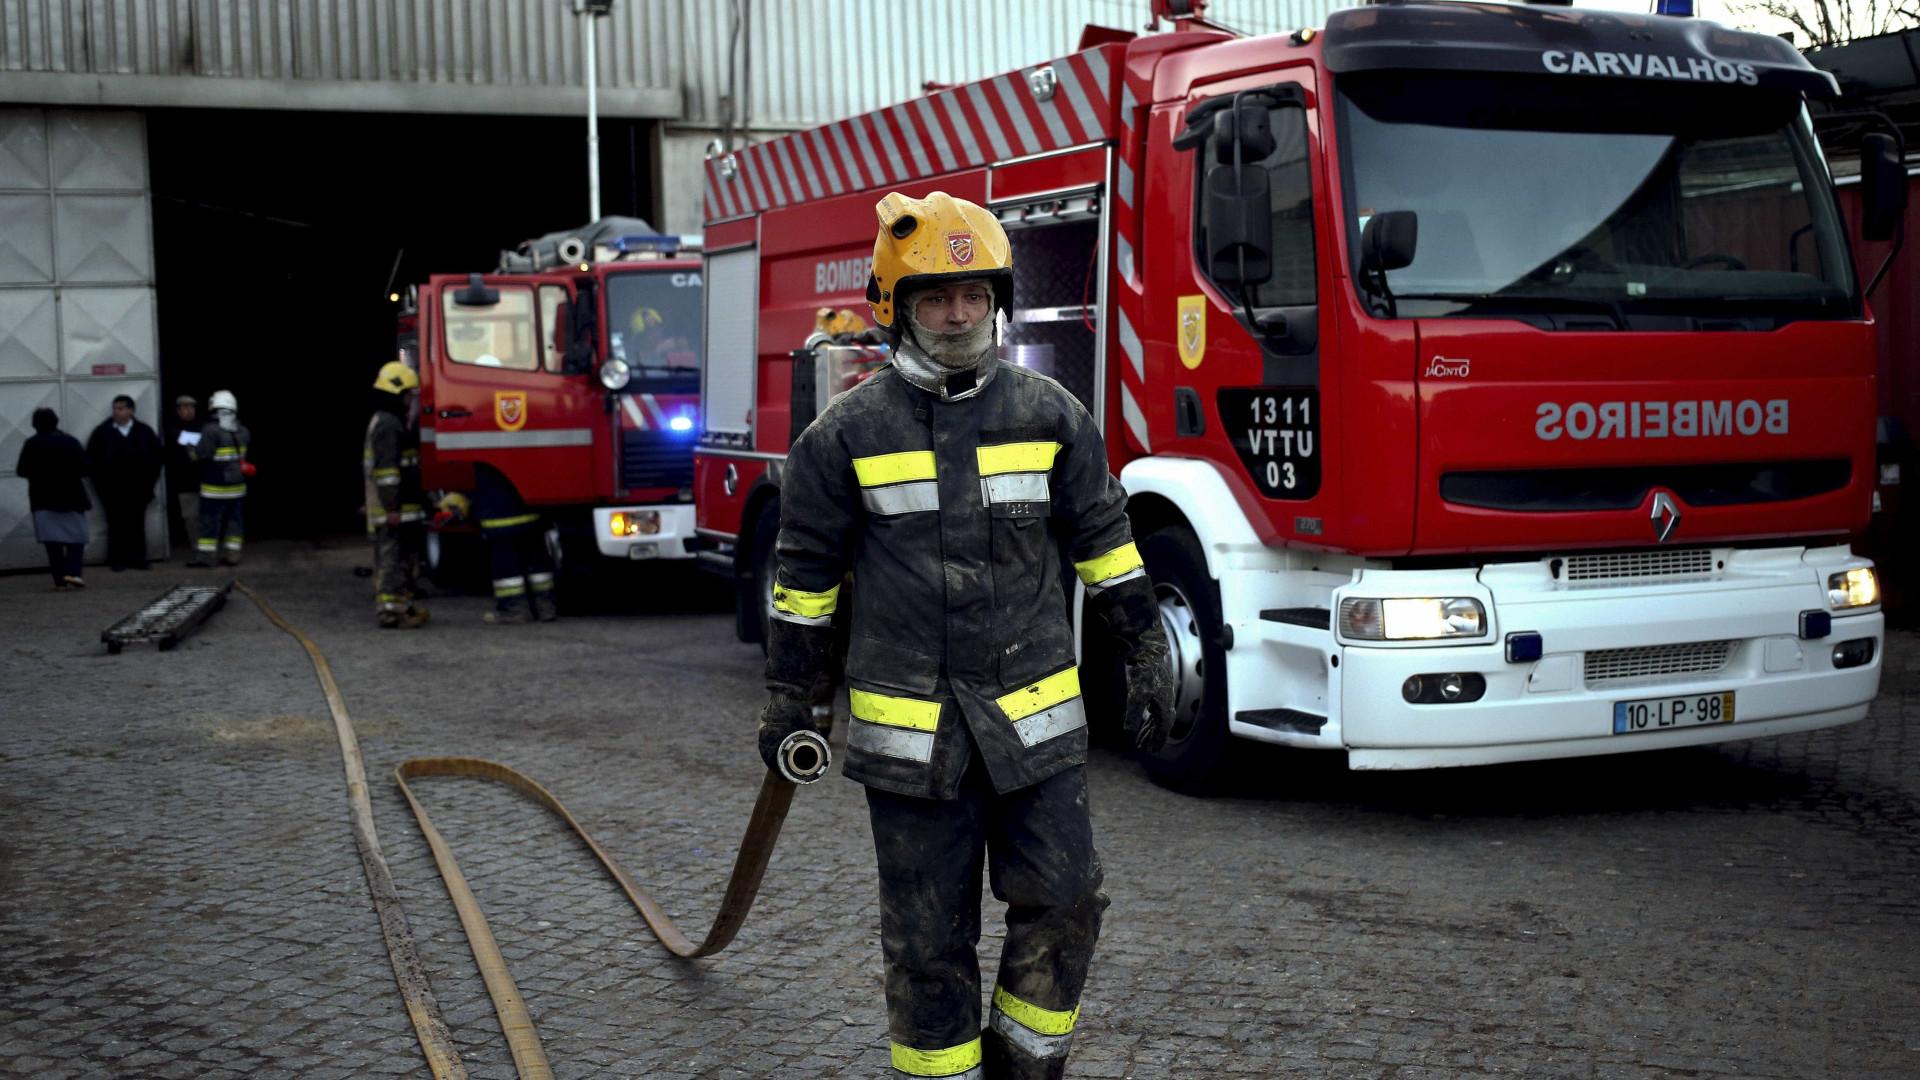 Incêndio em corticeira de Argoncilhe. Mais de 90 bombeiros no local